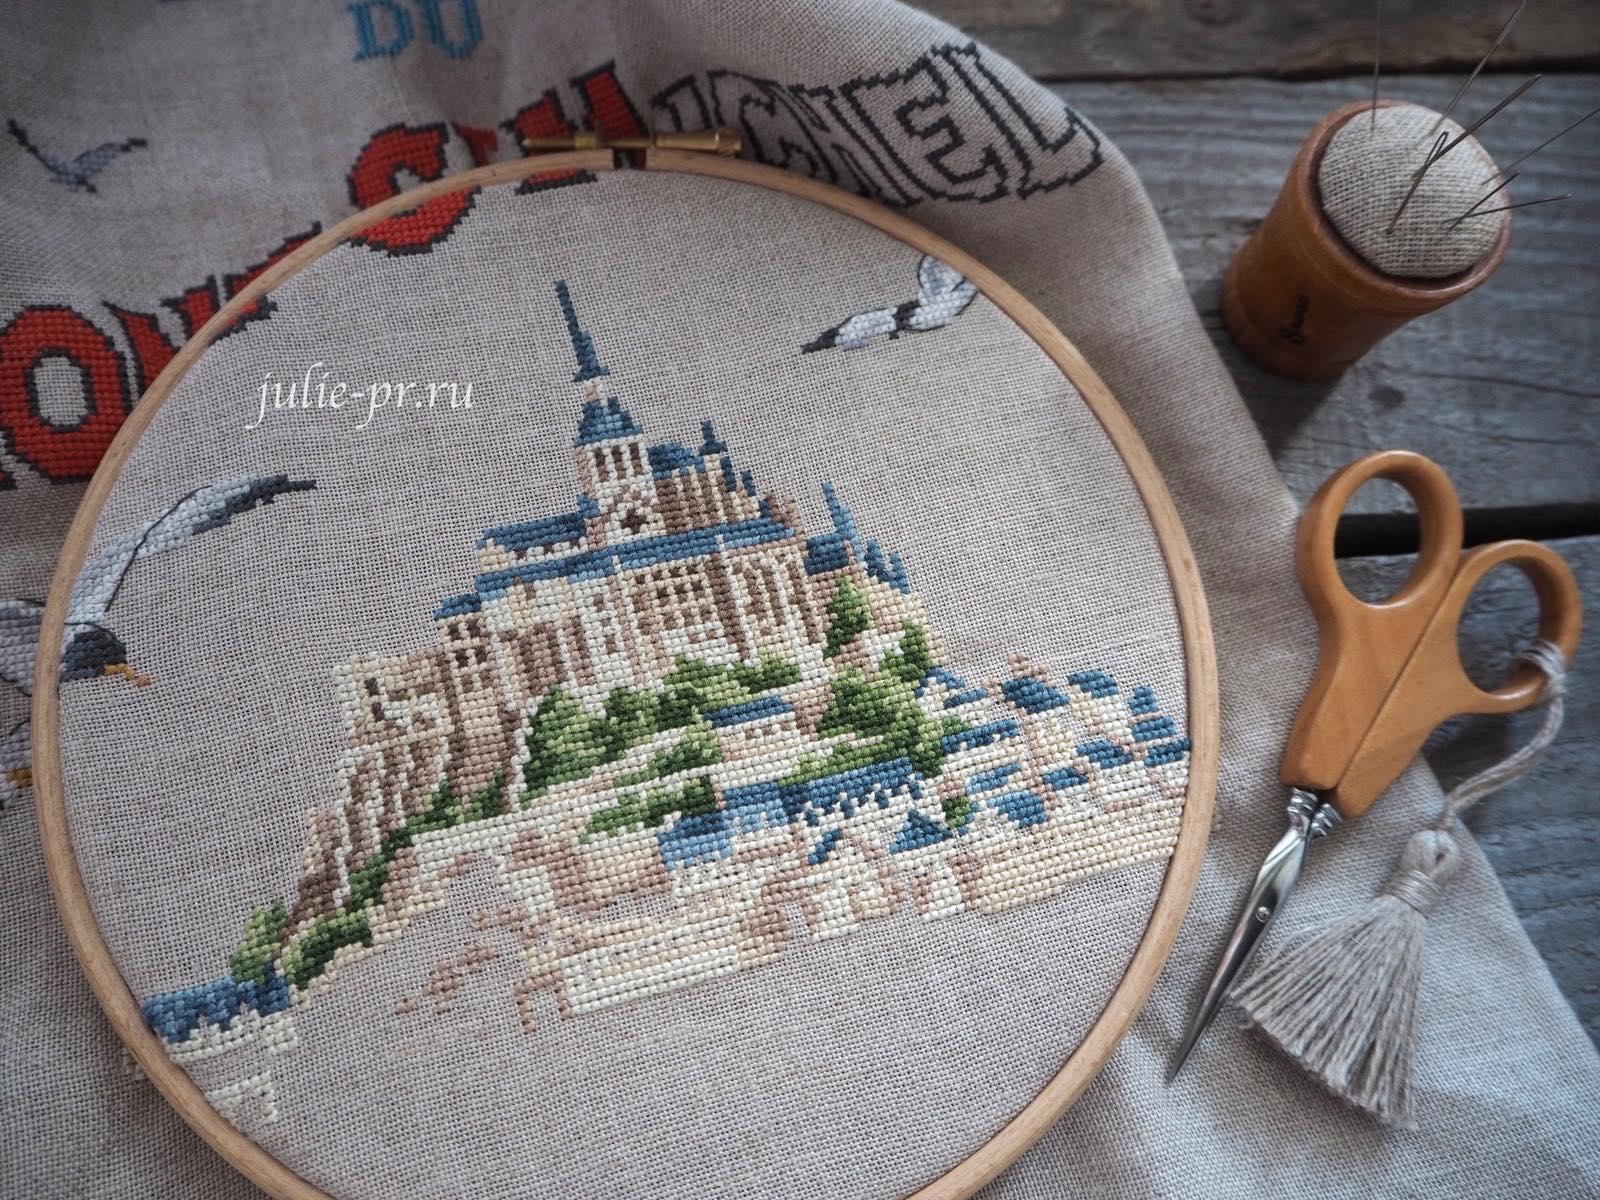 Парижские вышивальщицы, Mont Saint-Michel, Мон-Сен-Мишель, Veronique Enginger, Les brodeuses parisiennes, кухонное полотенце, вышивка крестом